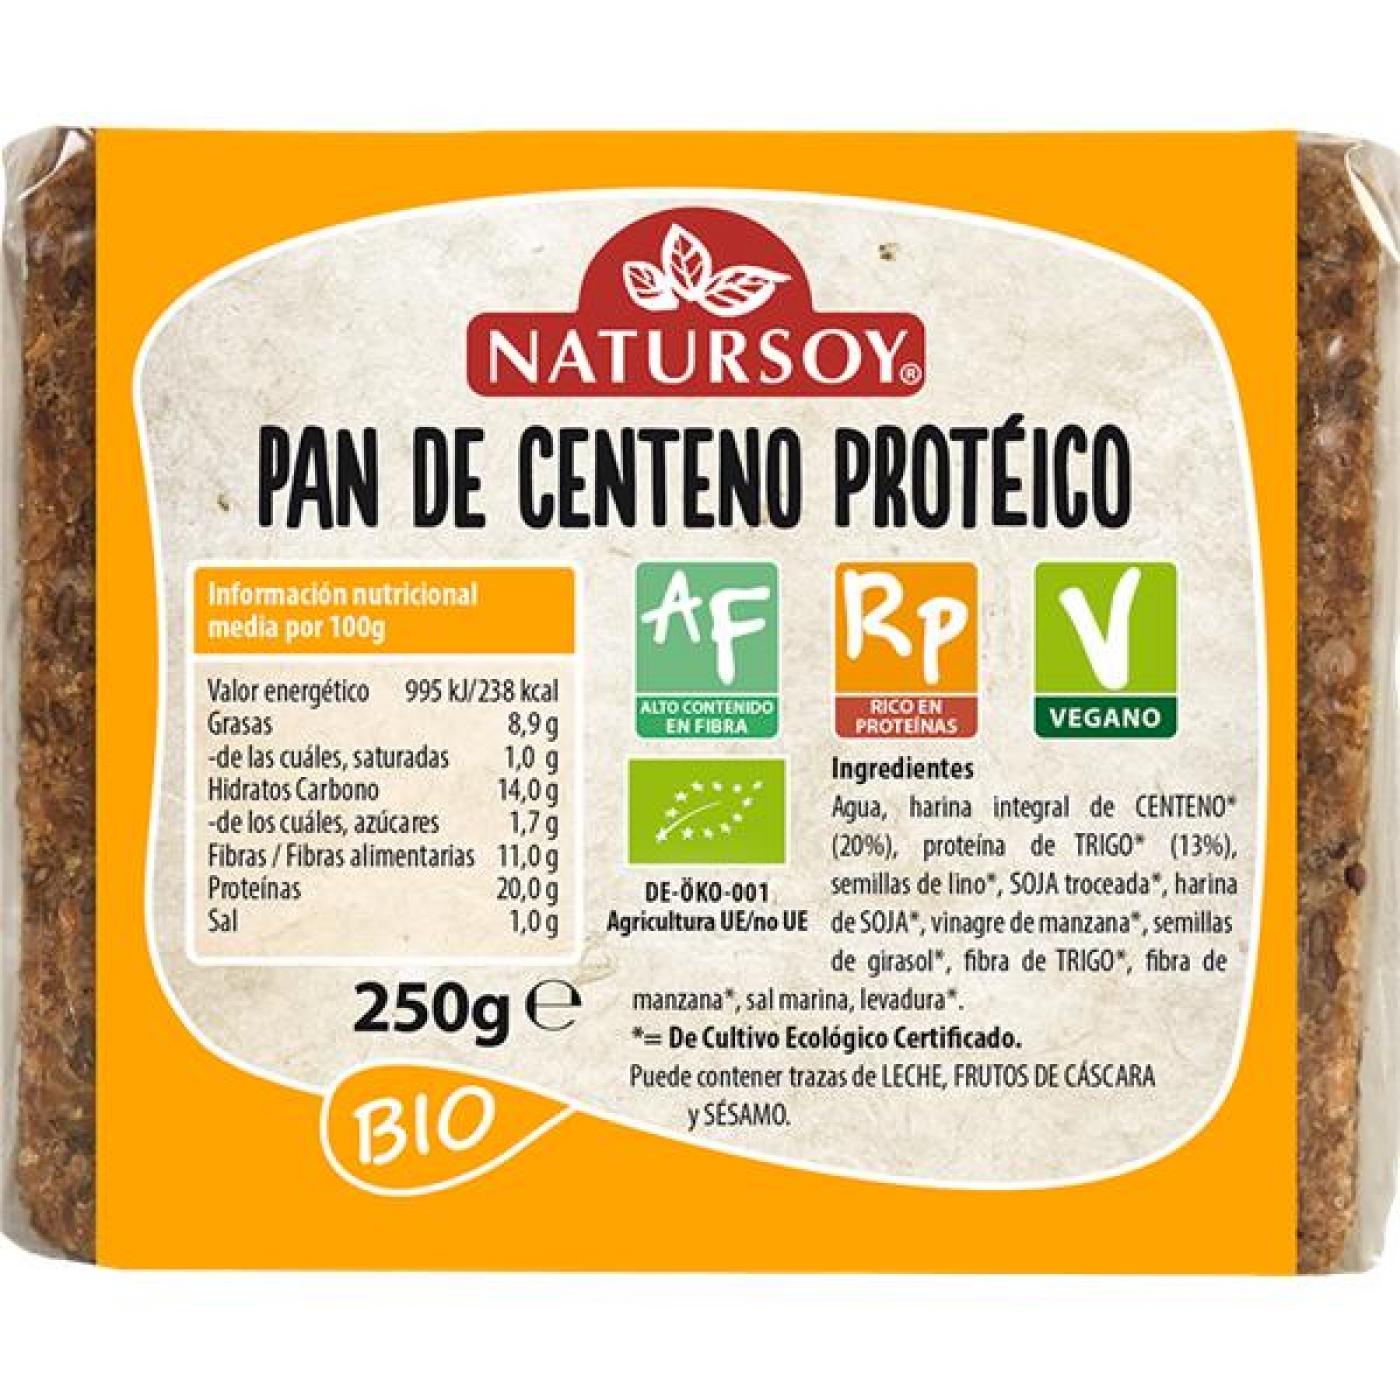 pan-de-centeno-proteico-natursoy